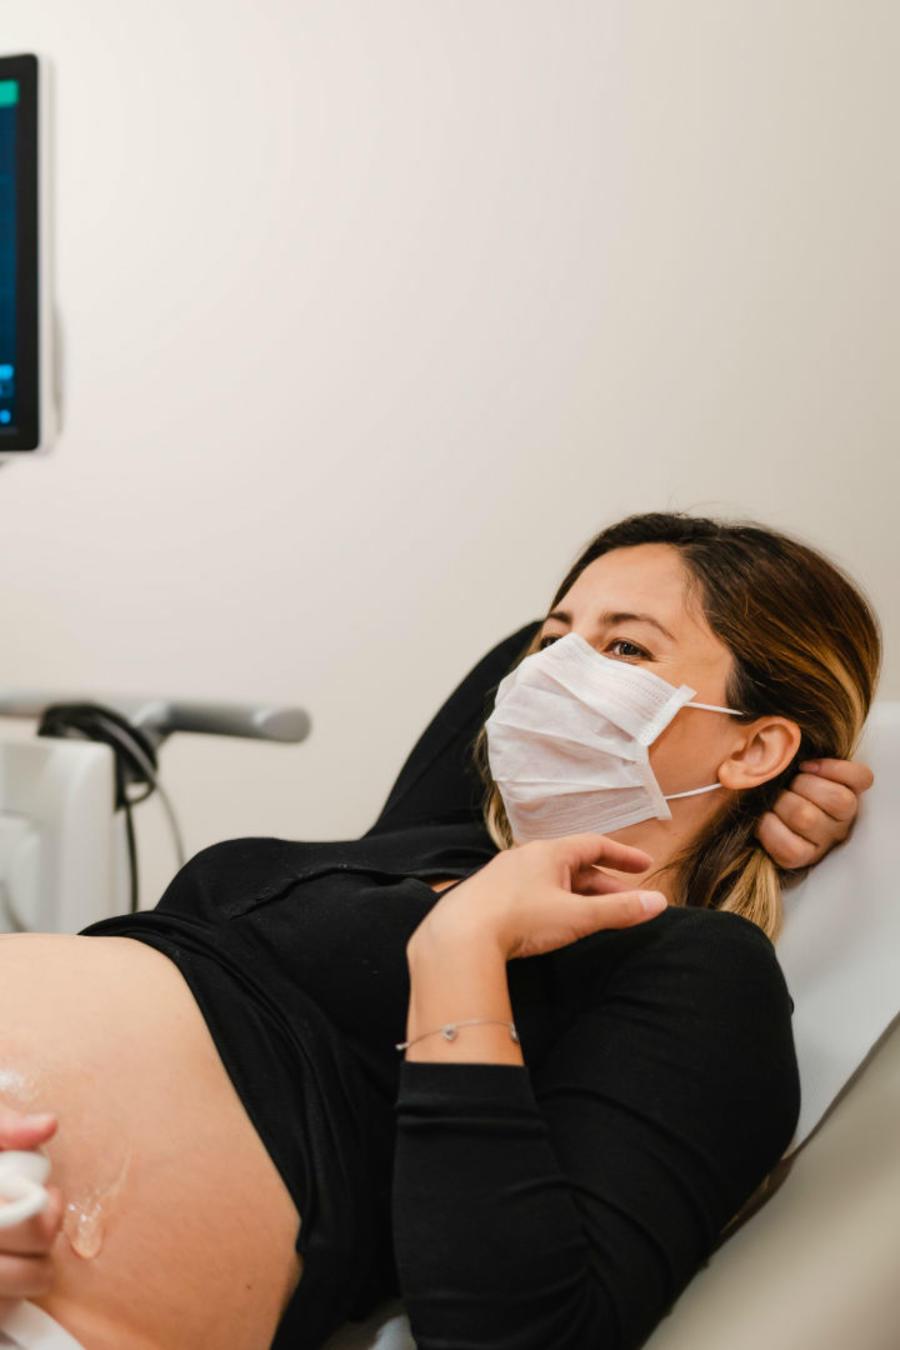 Mujer embarazada en el médico durante la pandemia